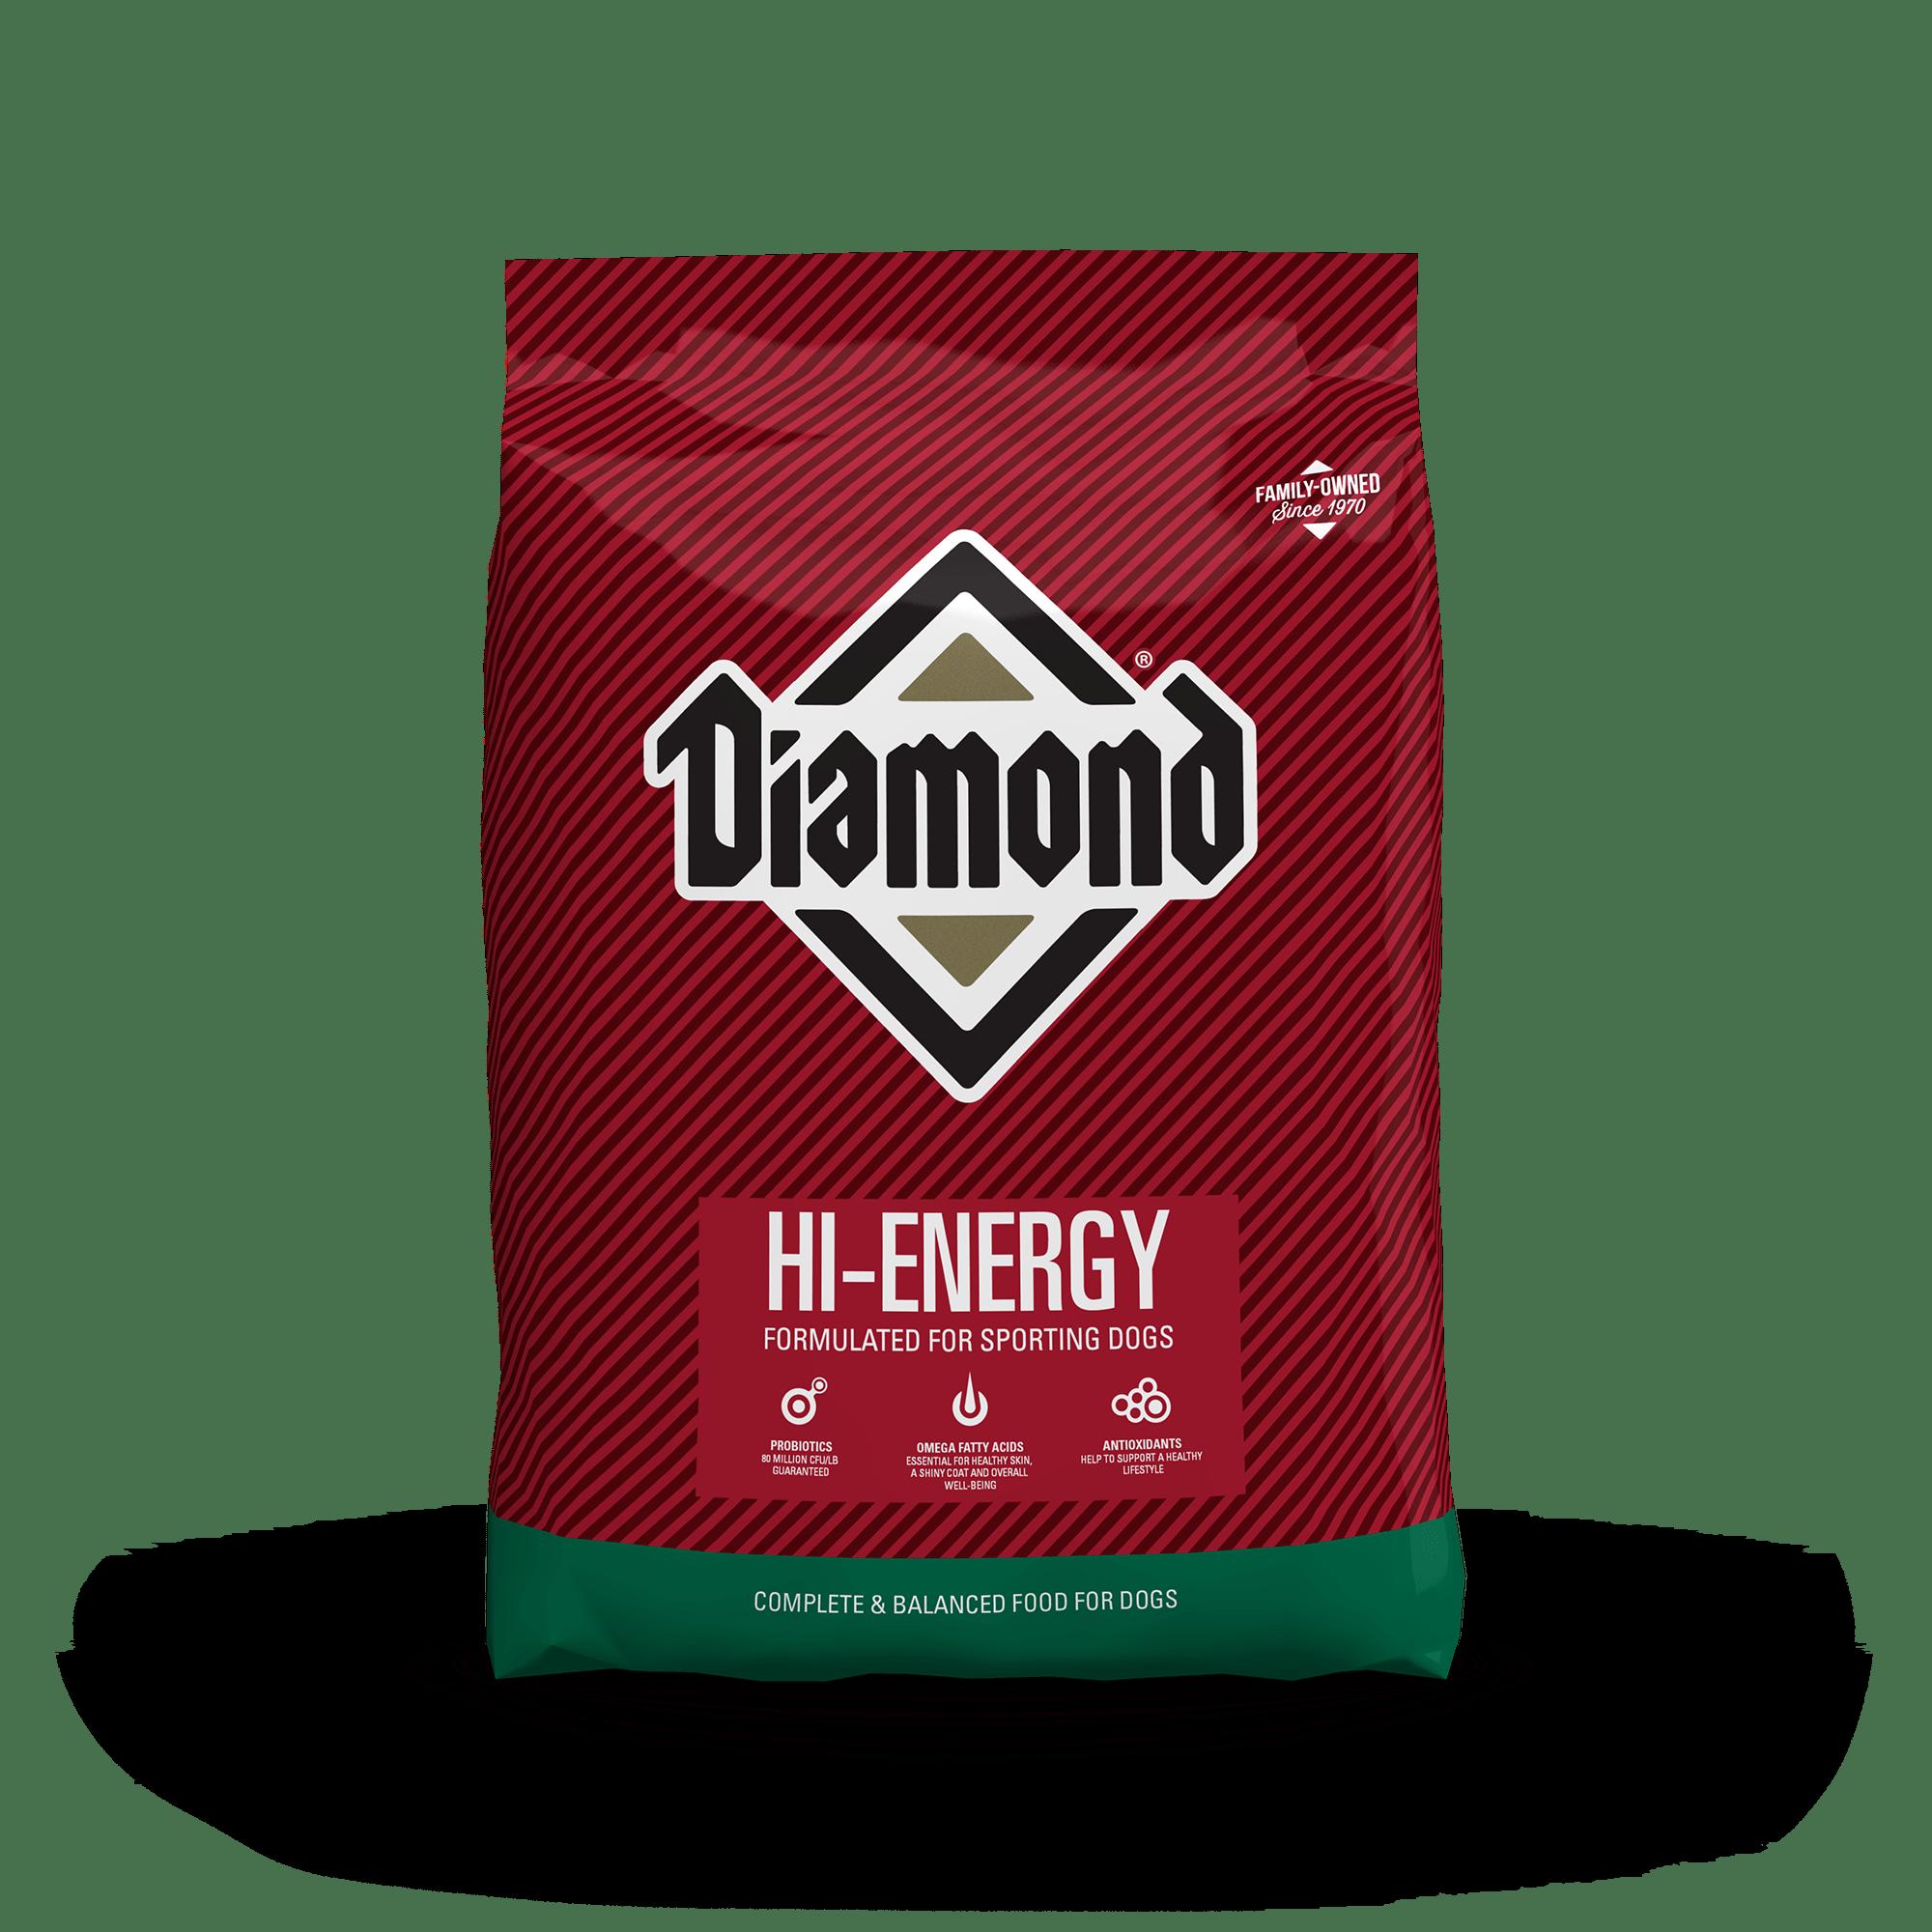 Hi-Energy product packaging